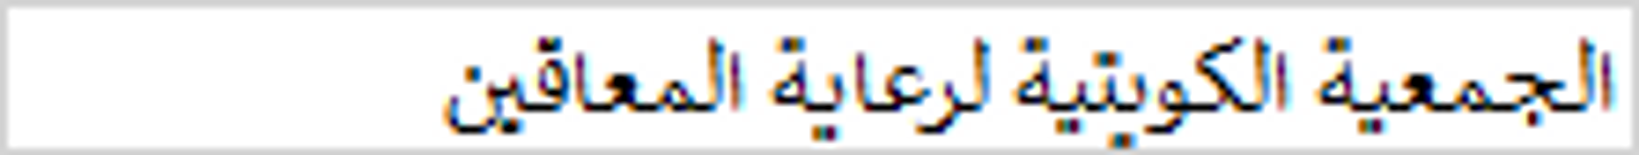 الجمعية الكويتية لرعاية المعاقين1